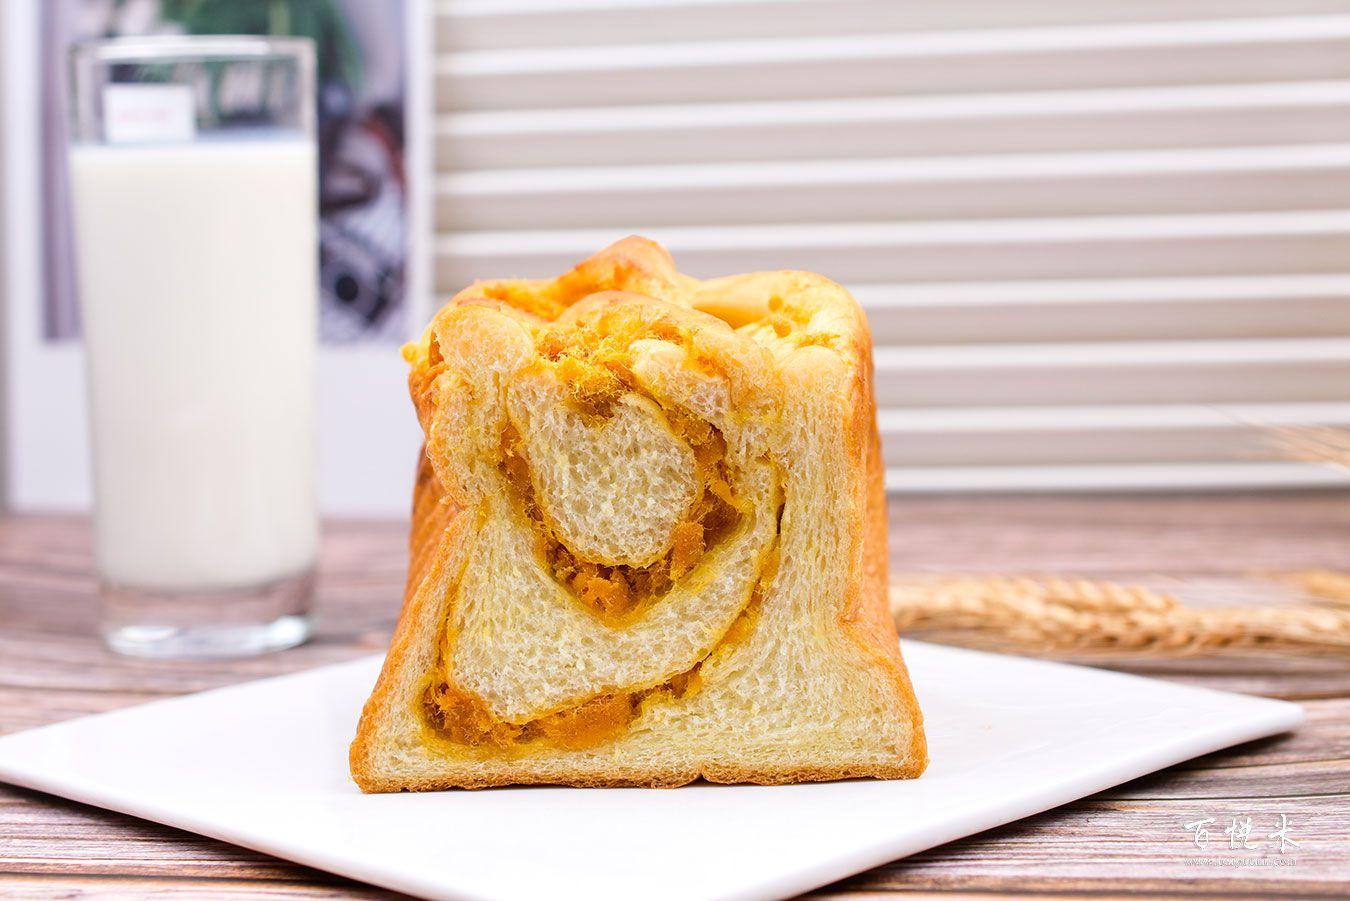 肉松吐司面包高清图片大全【蛋糕图片】_336